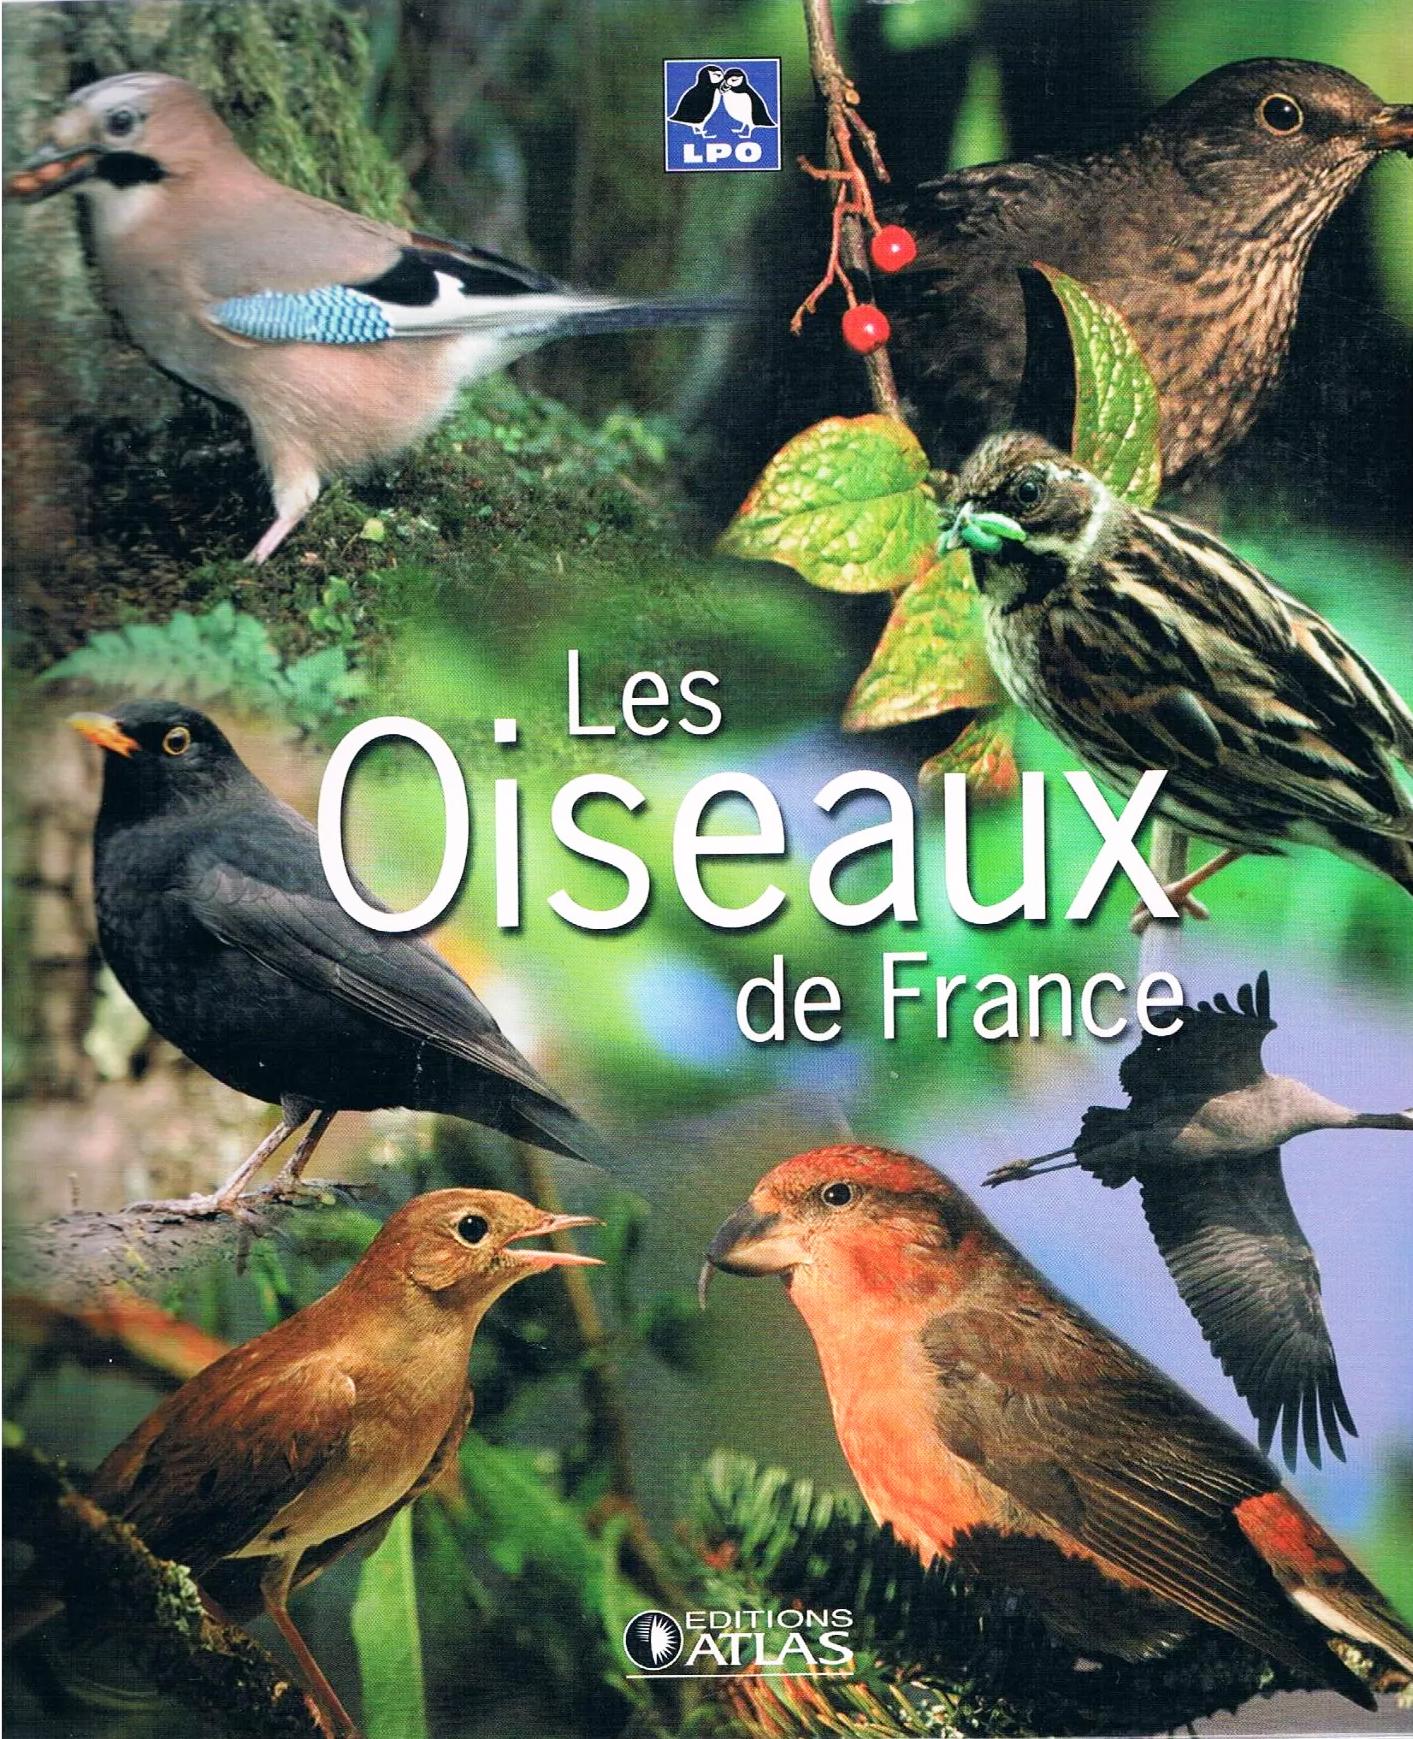 Couverture d'un livre sur les oiseaux de France